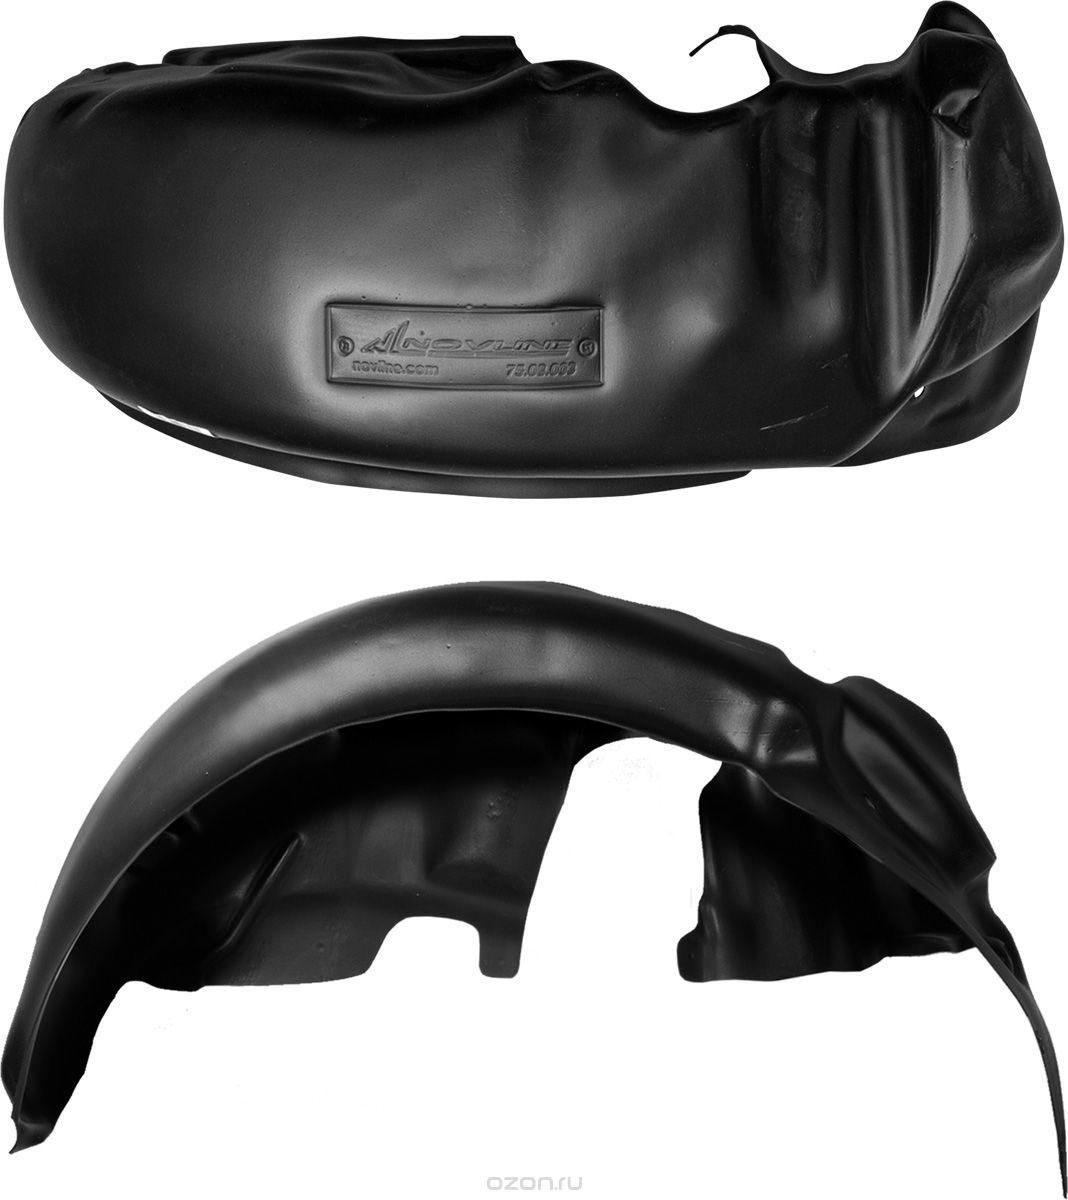 Подкрылок Novline-Autofamily, для Toyota LC200, 11/2007-2011, 2012-2015, 2015->, внедорожник, передний правыйNLL.48.63.002Идеальная защита колесной ниши. Локеры разработаны с применением цифровых технологий, гарантируют максимальную повторяемость поверхности арки. Изделия устанавливаются без нарушения лакокрасочного покрытия автомобиля, каждый подкрылок комплектуется крепежом. Уважаемые клиенты, обращаем ваше внимание, что фотографии на подкрылки универсальные и не отражают реальную форму изделия. При этом само изделие идет точно под размер указанного автомобиля.